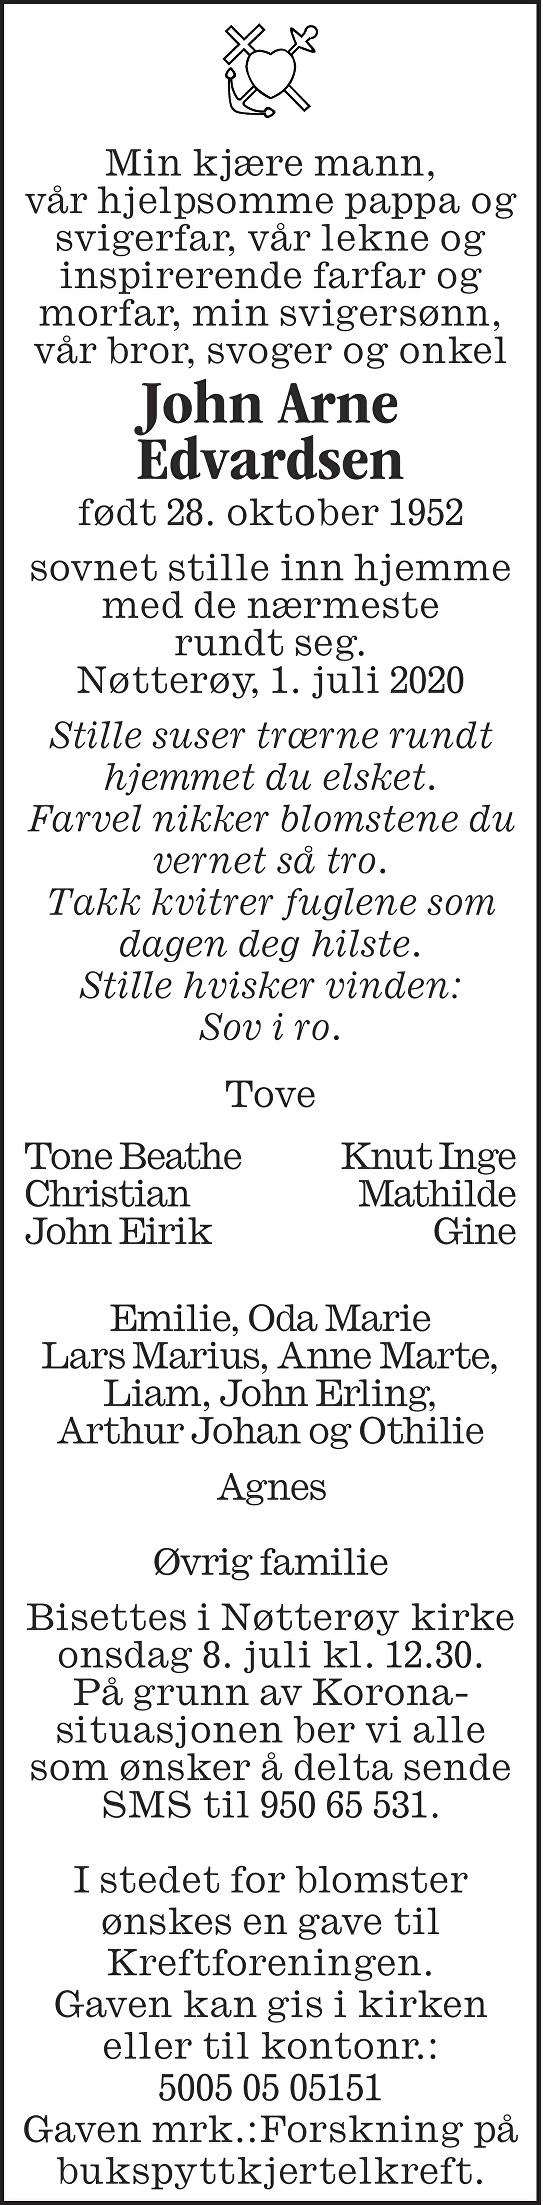 John Arne Edvardsen Dødsannonse